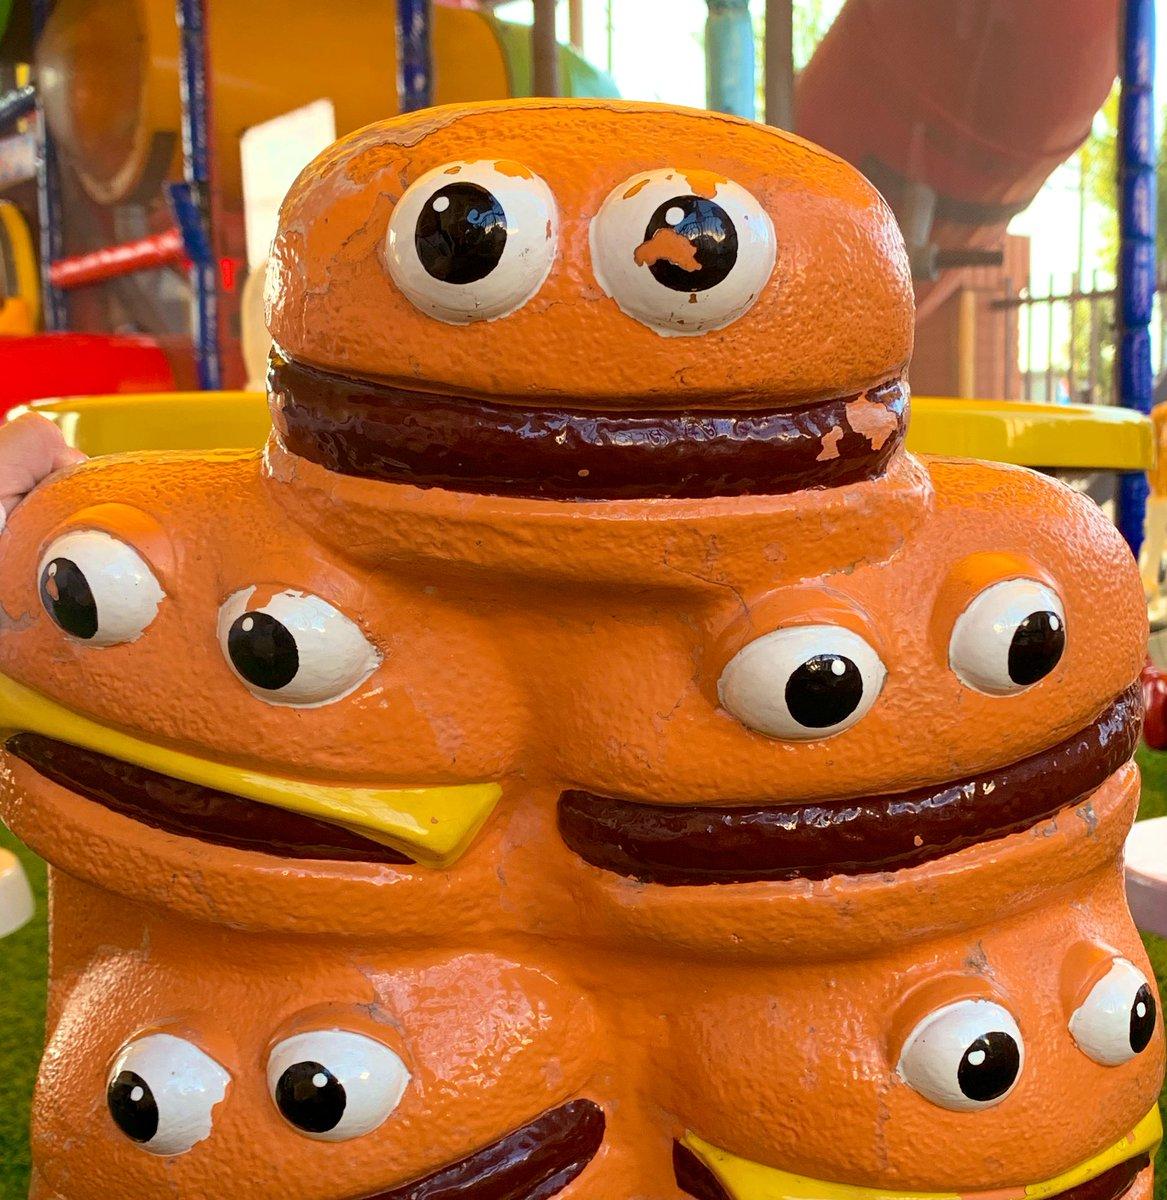 今日の担当、たしまいです🌈双子たちを送りだし、🍩をもぐもぐしてからデスクにむかいます写真は先日行ったマクドナルドにて、なつかしすぎたキャラクターたち🍔🍟